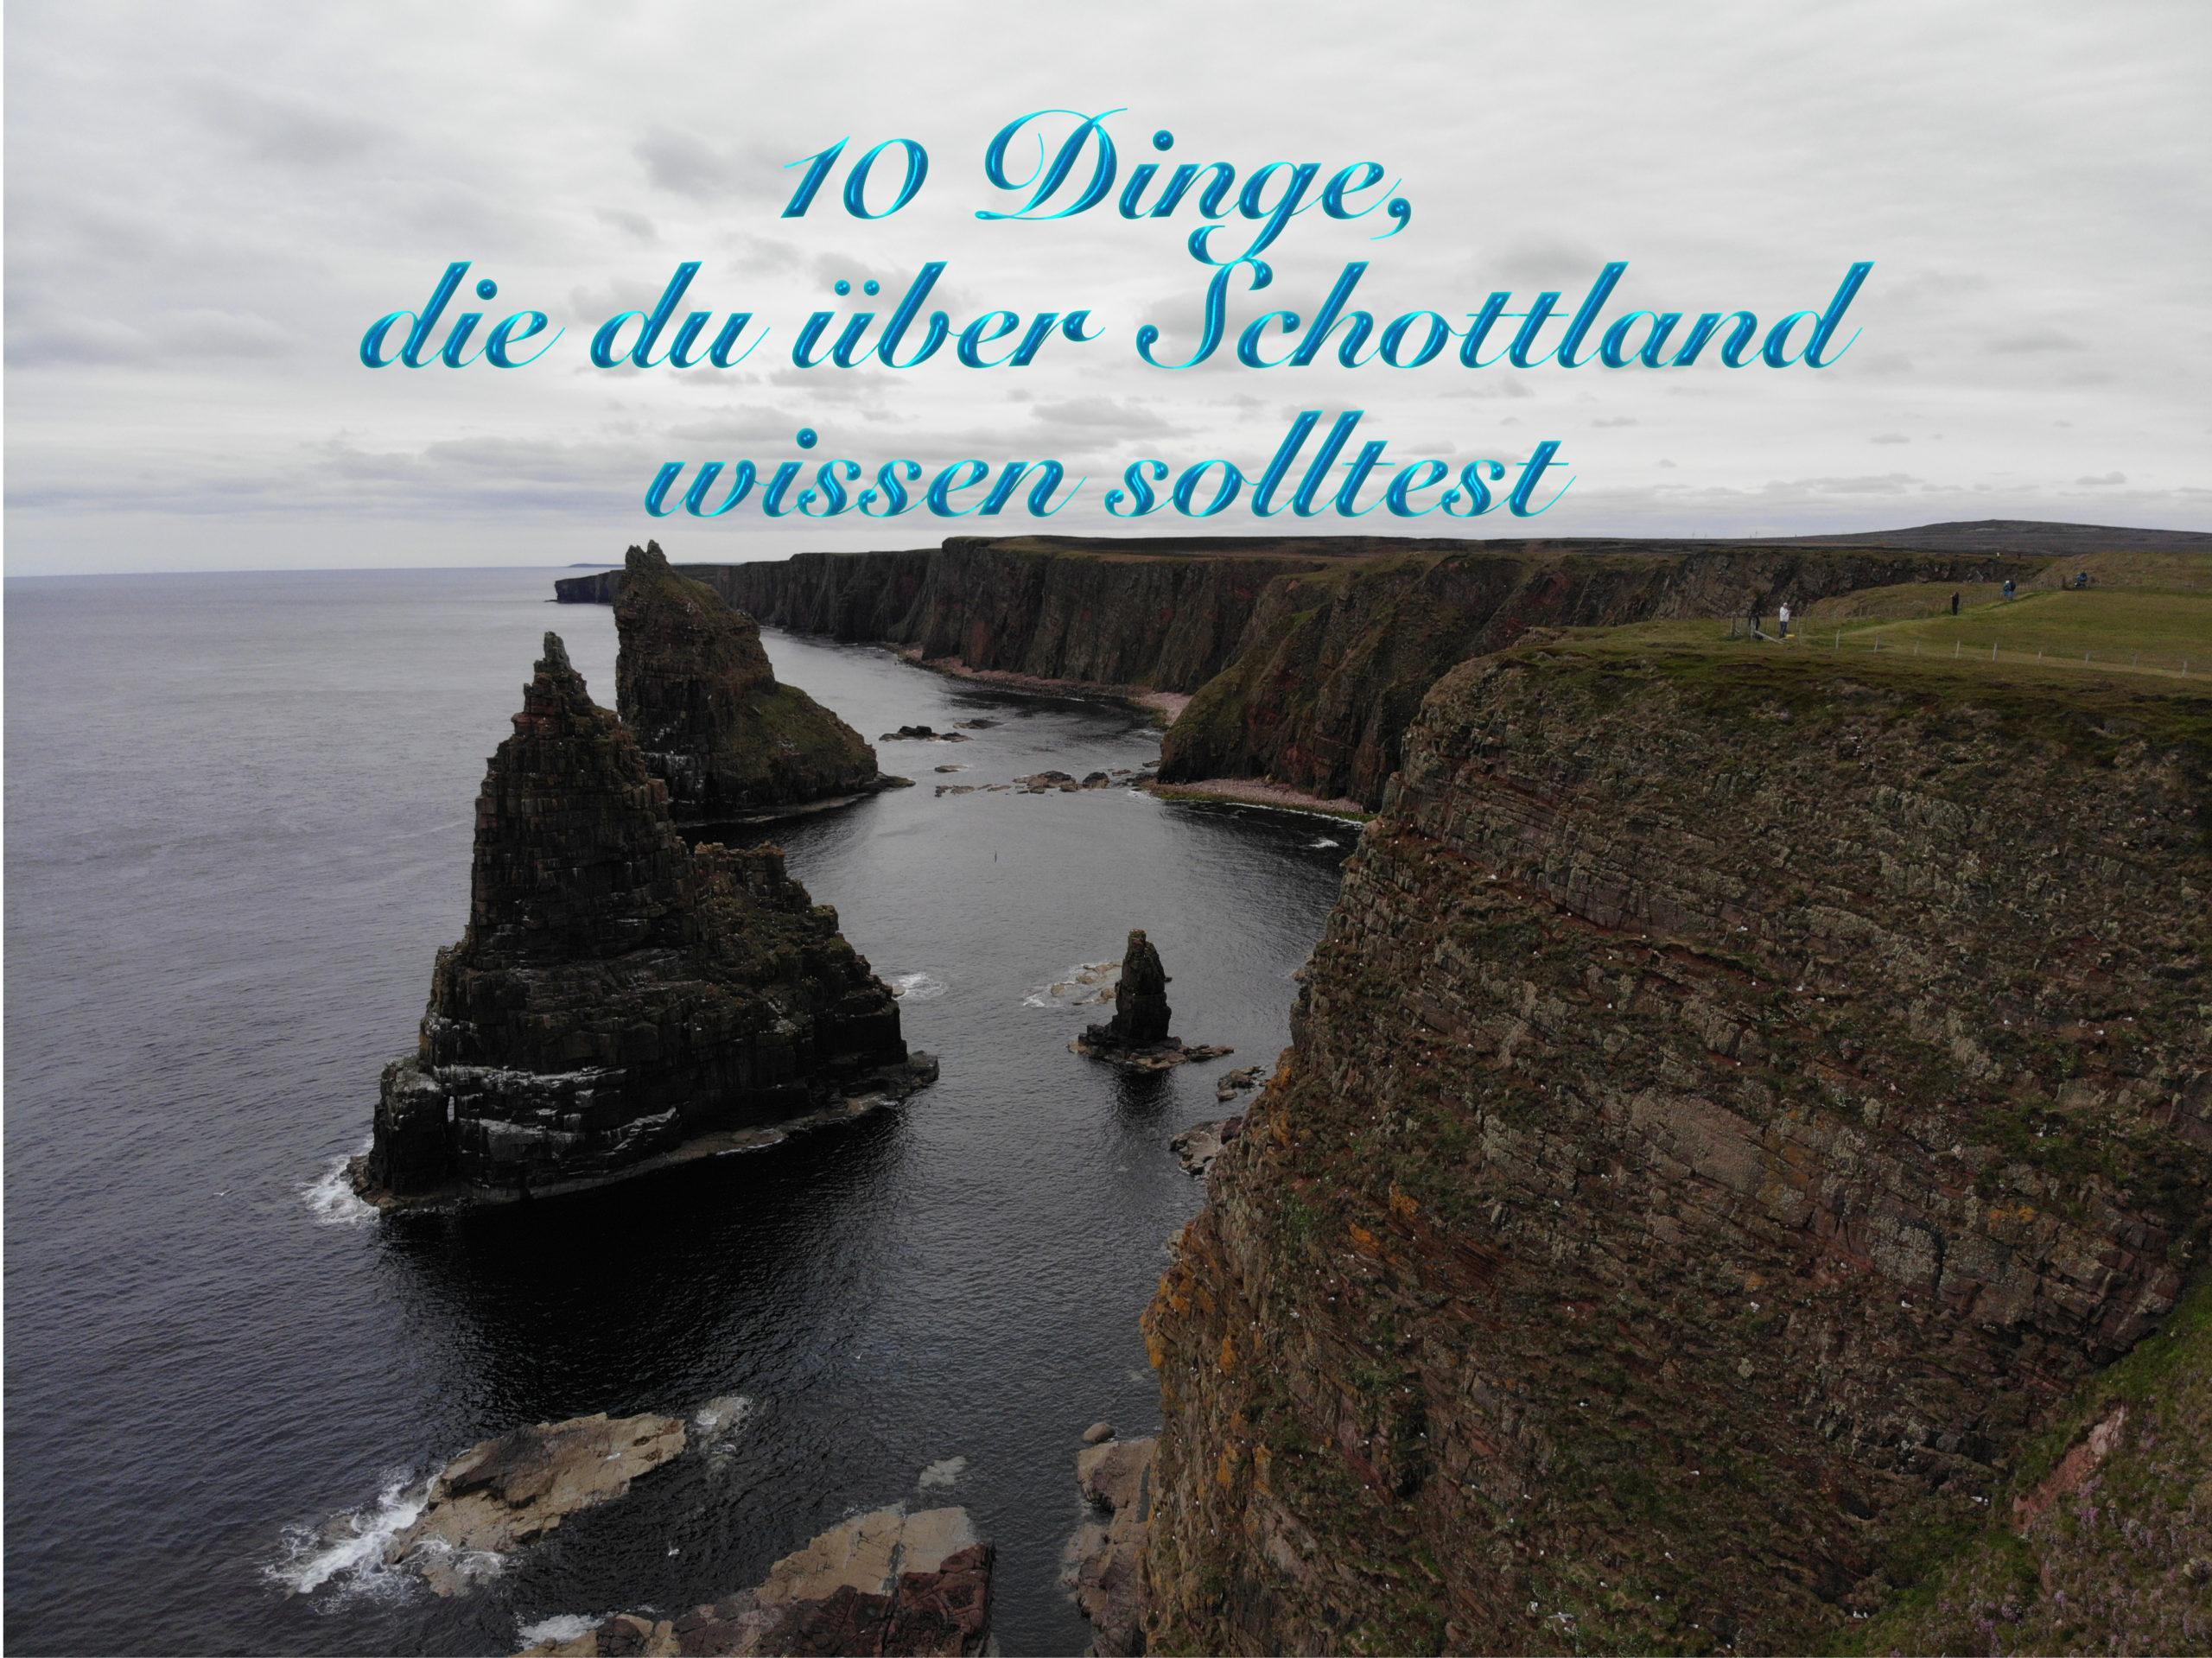 10 Dinge, die du über Schottland wissen solltest